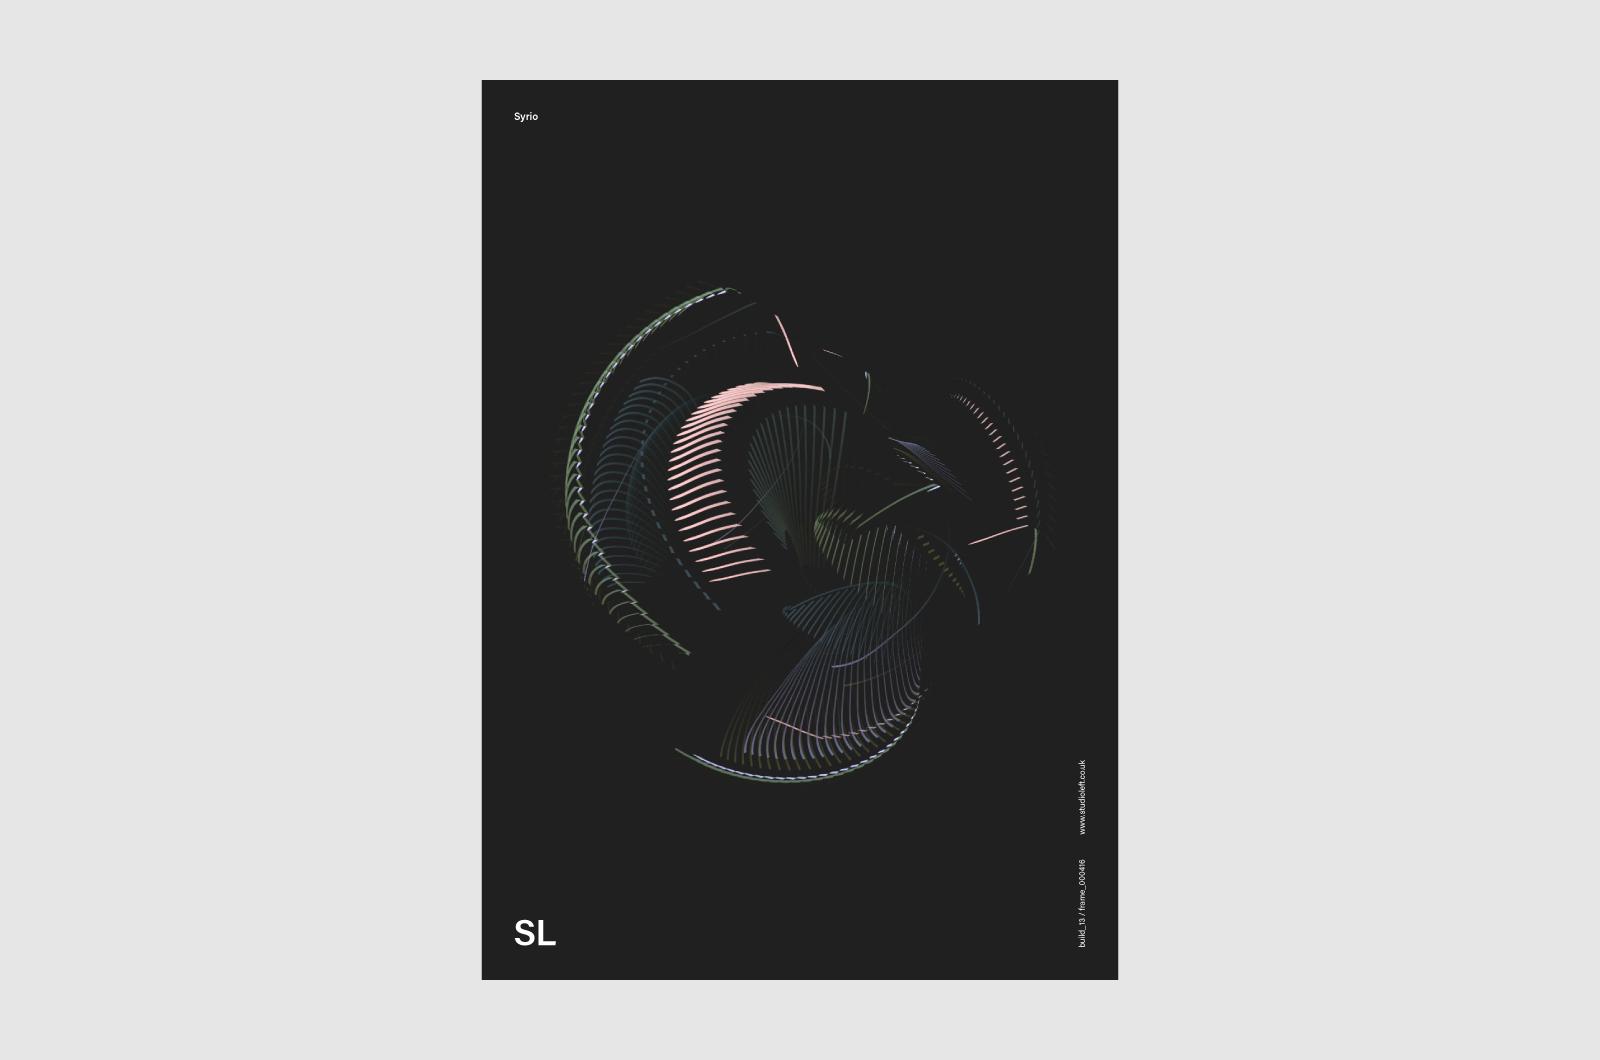 Syrio poster 04